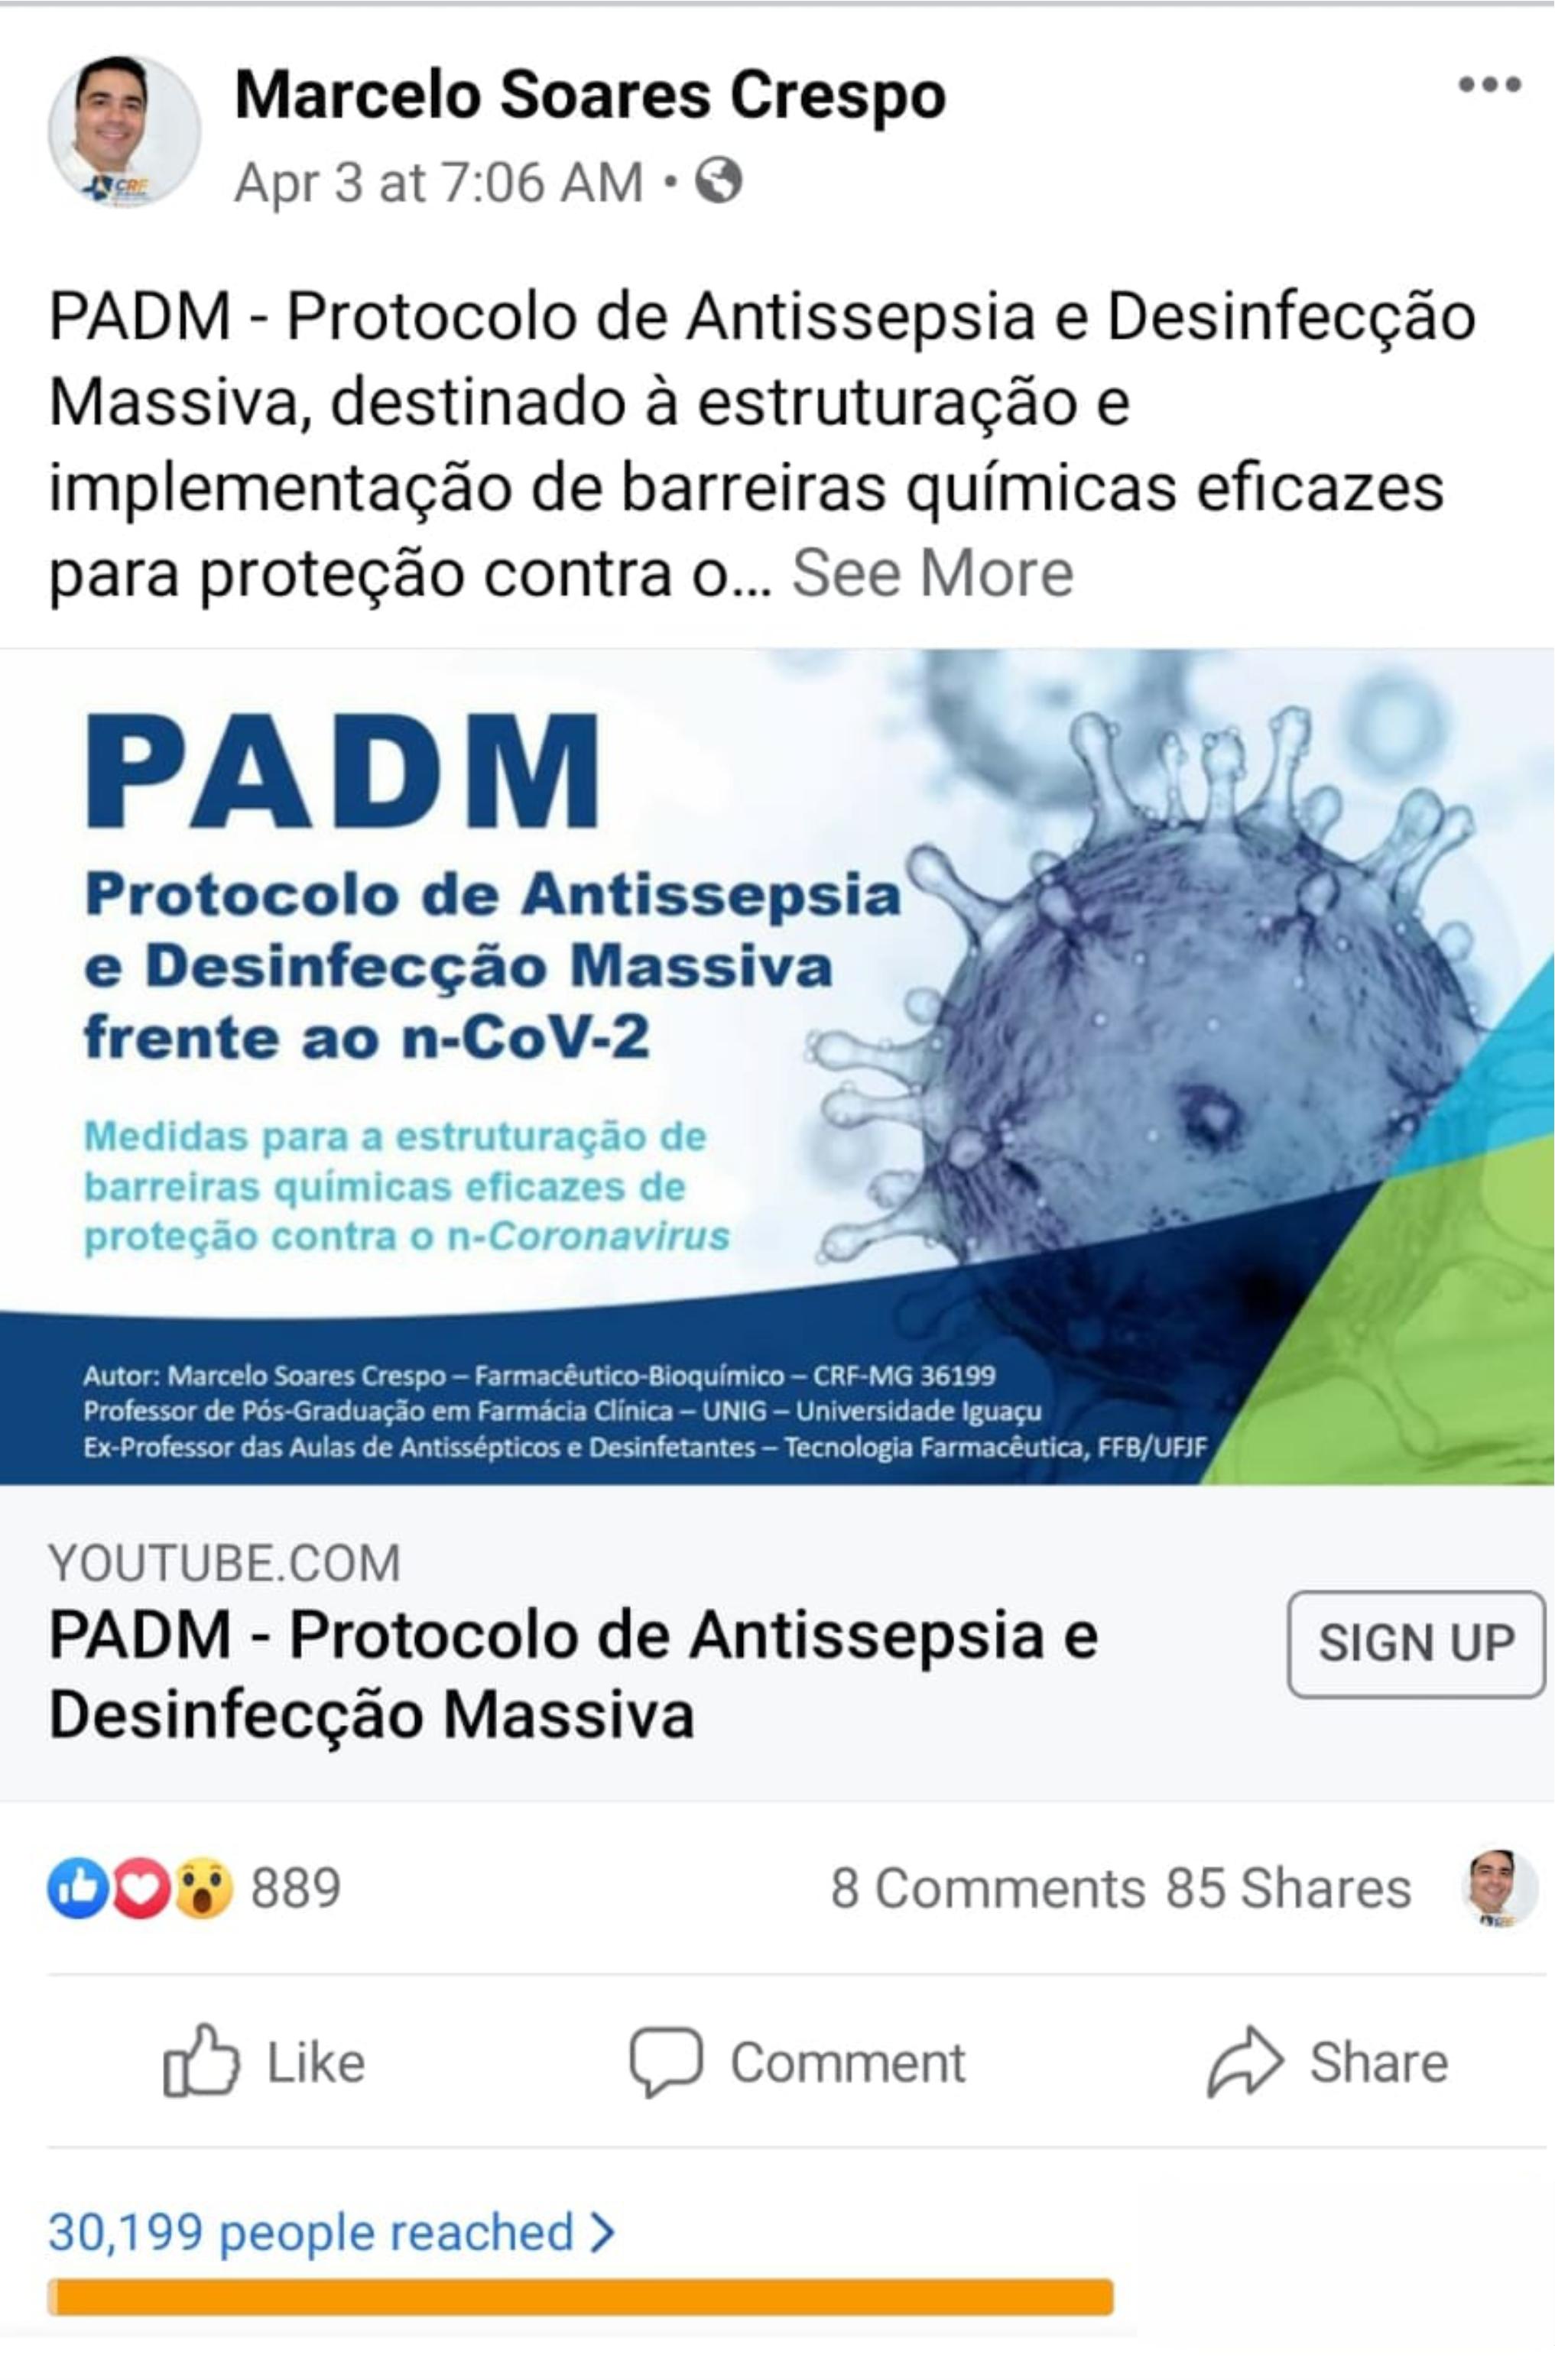 imagem projeto PADM - Protocolo de Antissepsia e Desinfecção Massiva